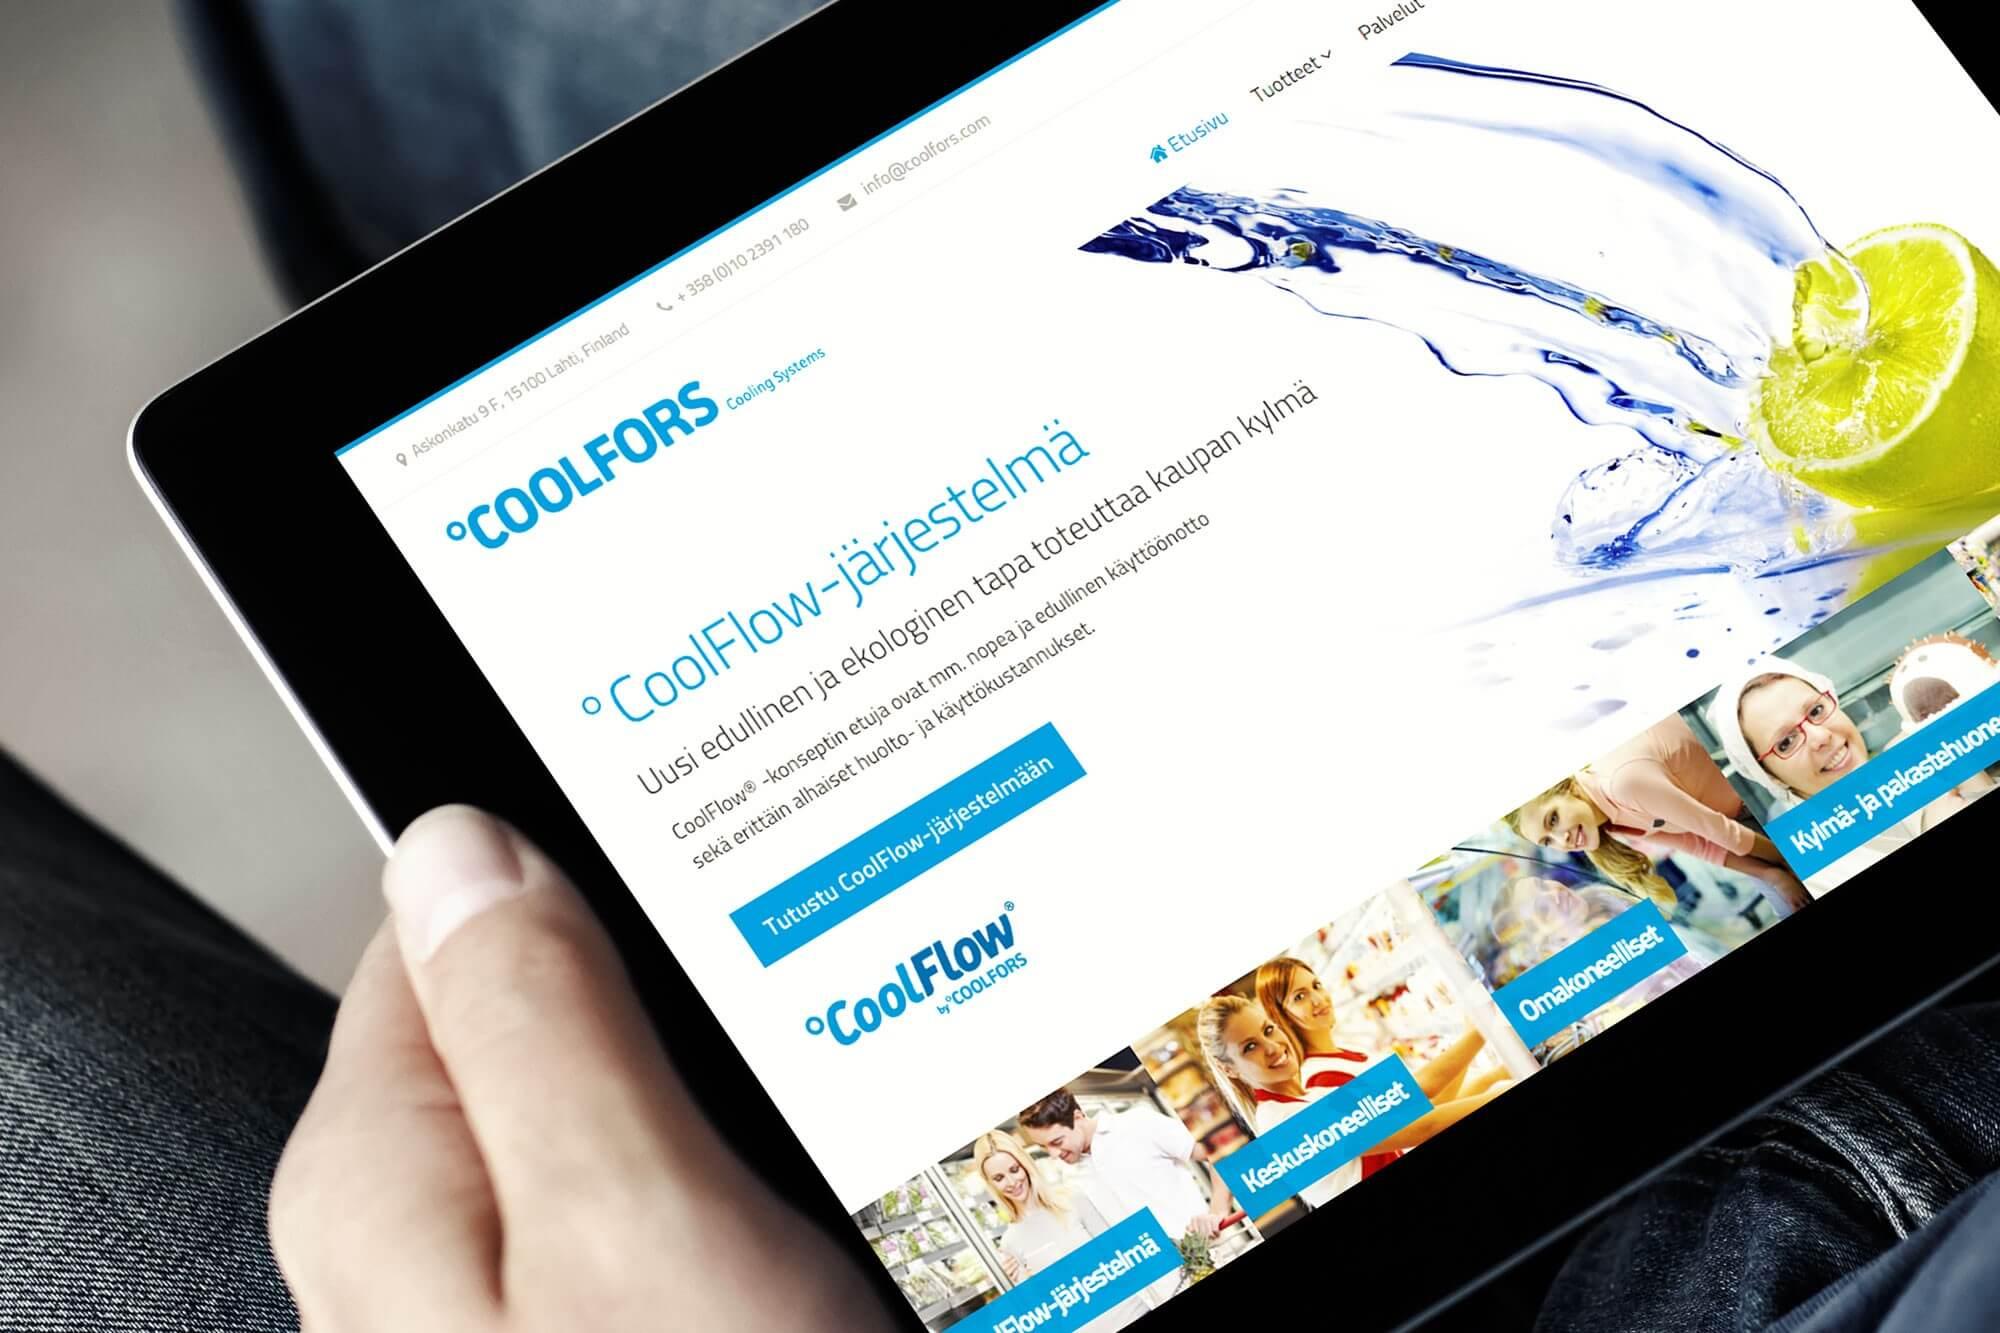 CoolFors verkkosivut